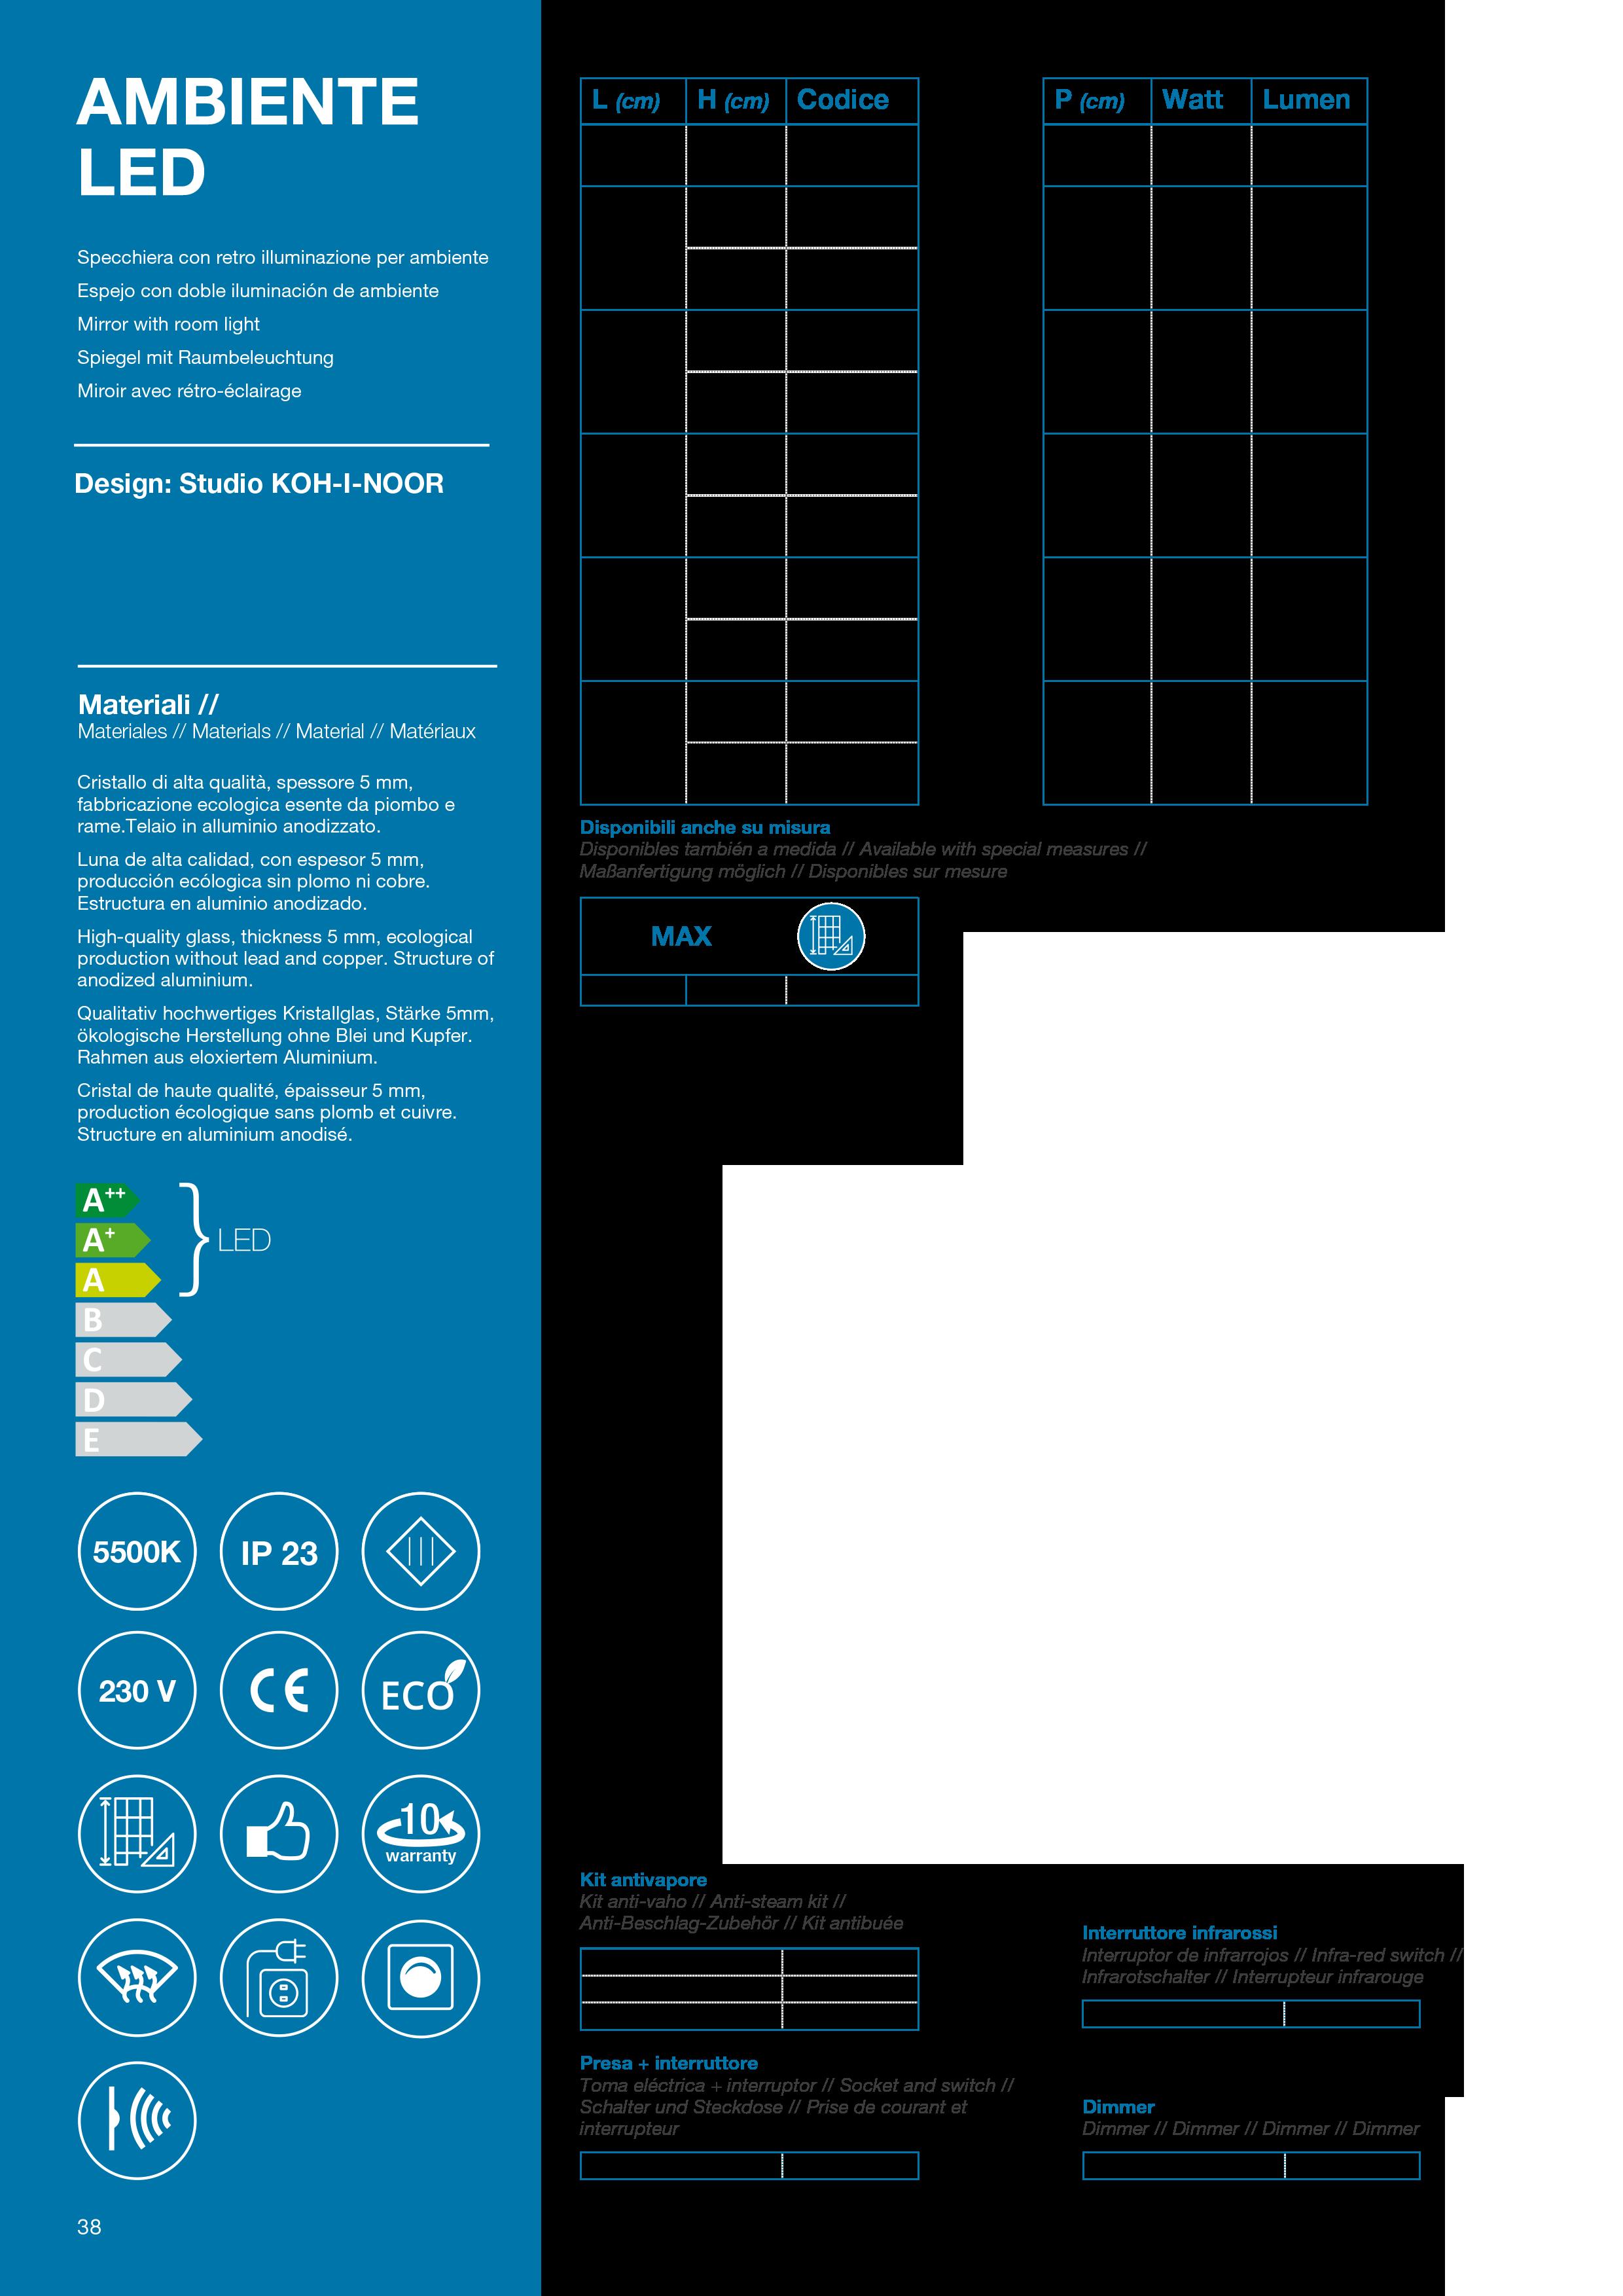 tabella-ambiente-led